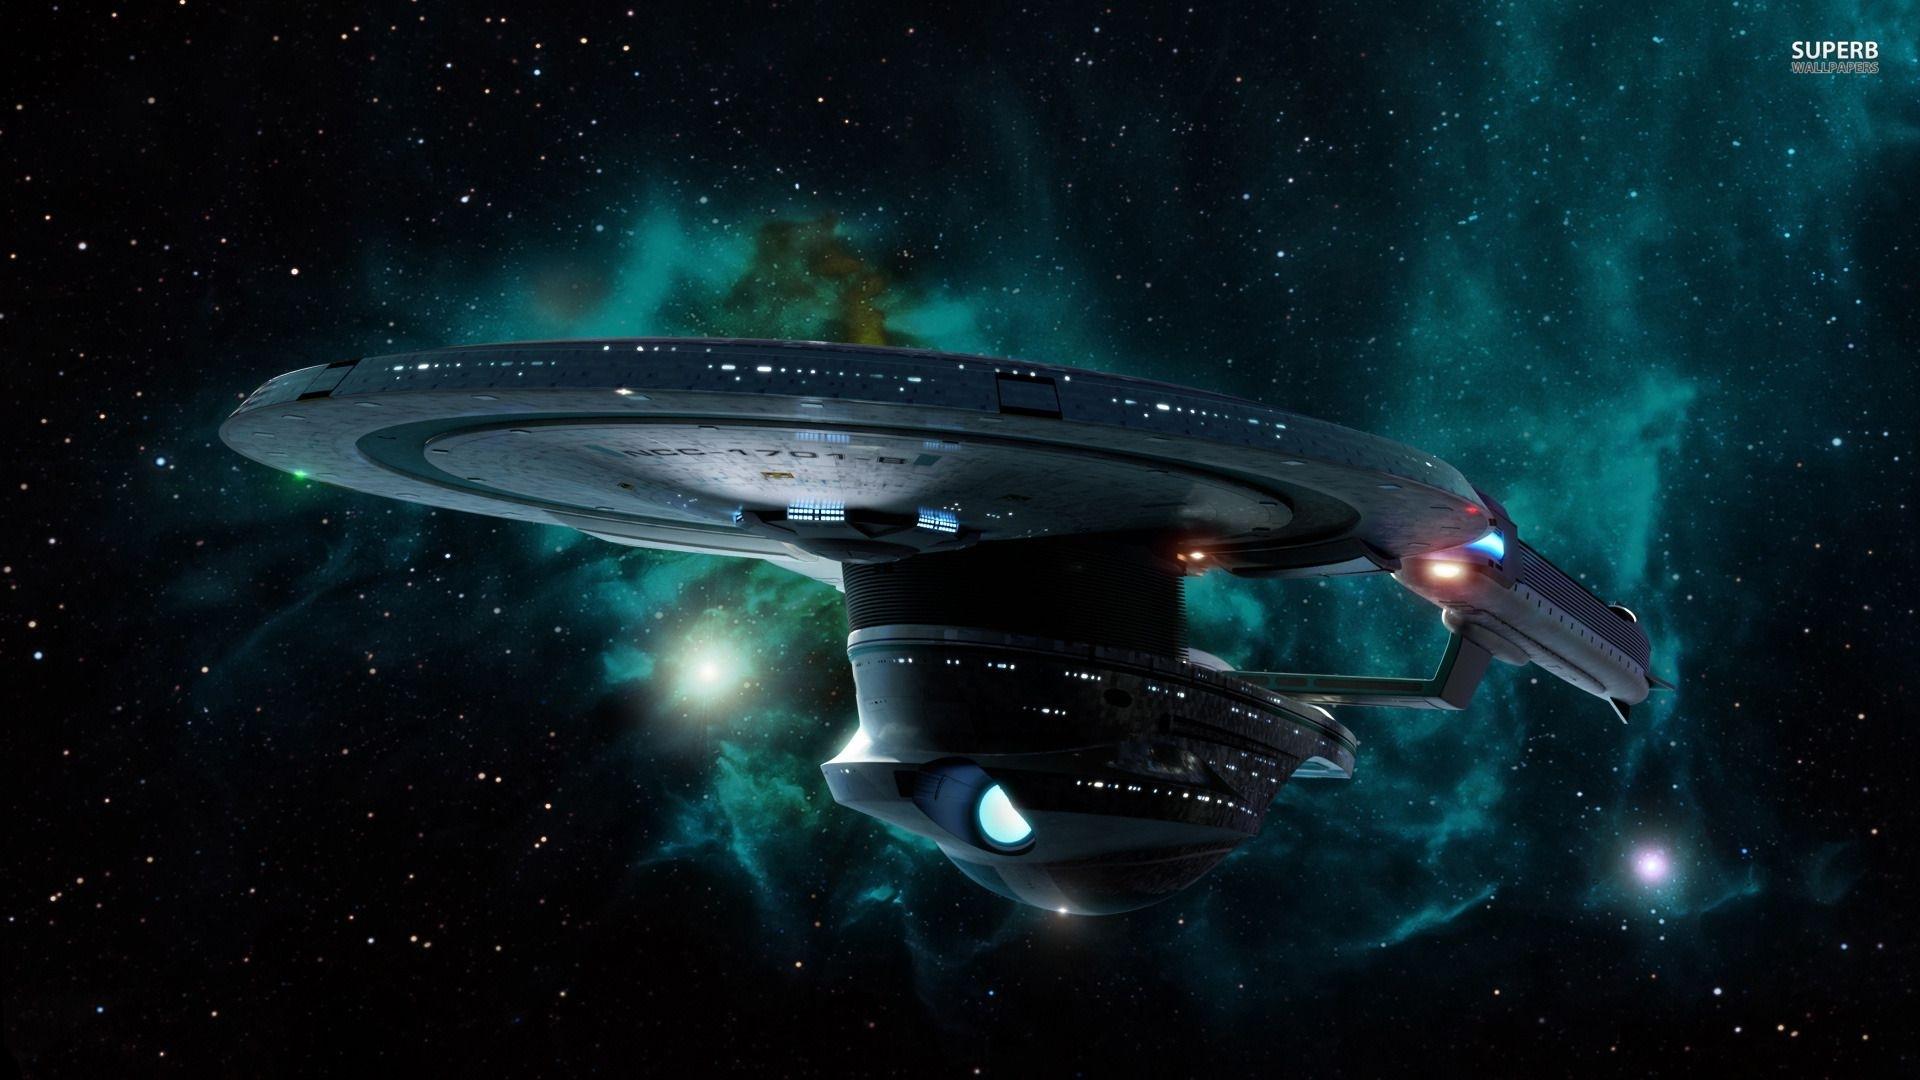 wallpaper starships from tv | starship enterprise wallpaper